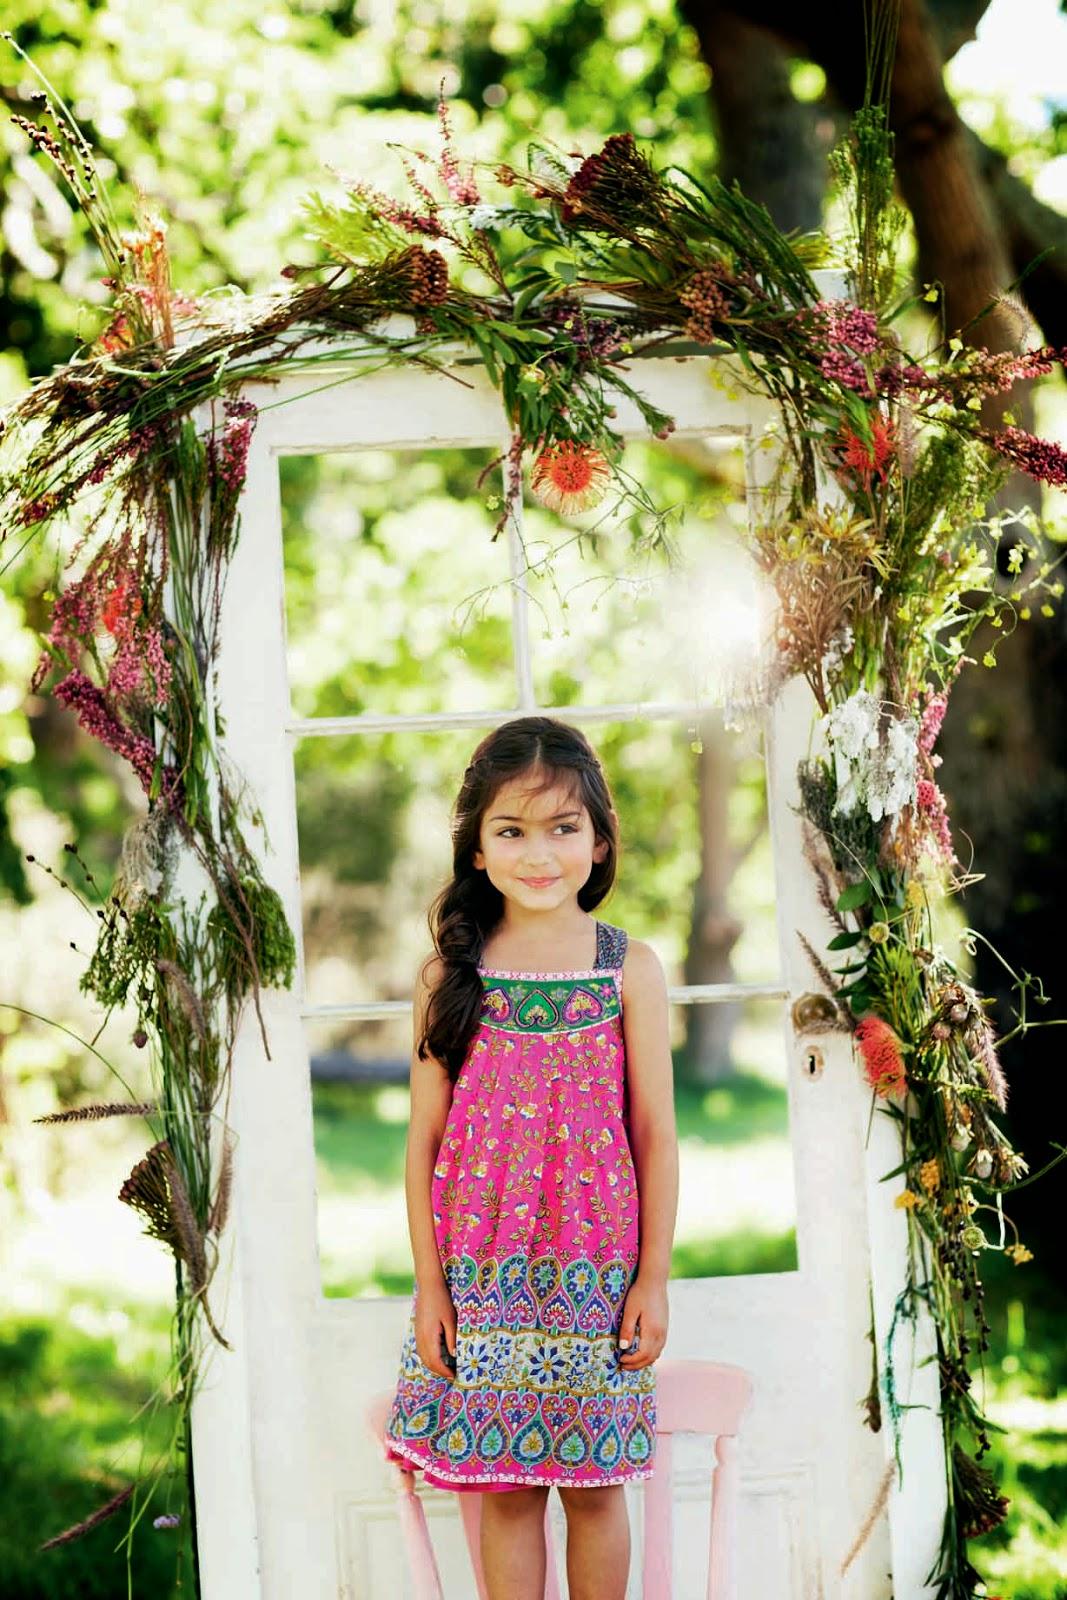 e4dcf61c050 beauty lives forever: Monsoon Children: H νέα πολύχρωμη παιδική ...